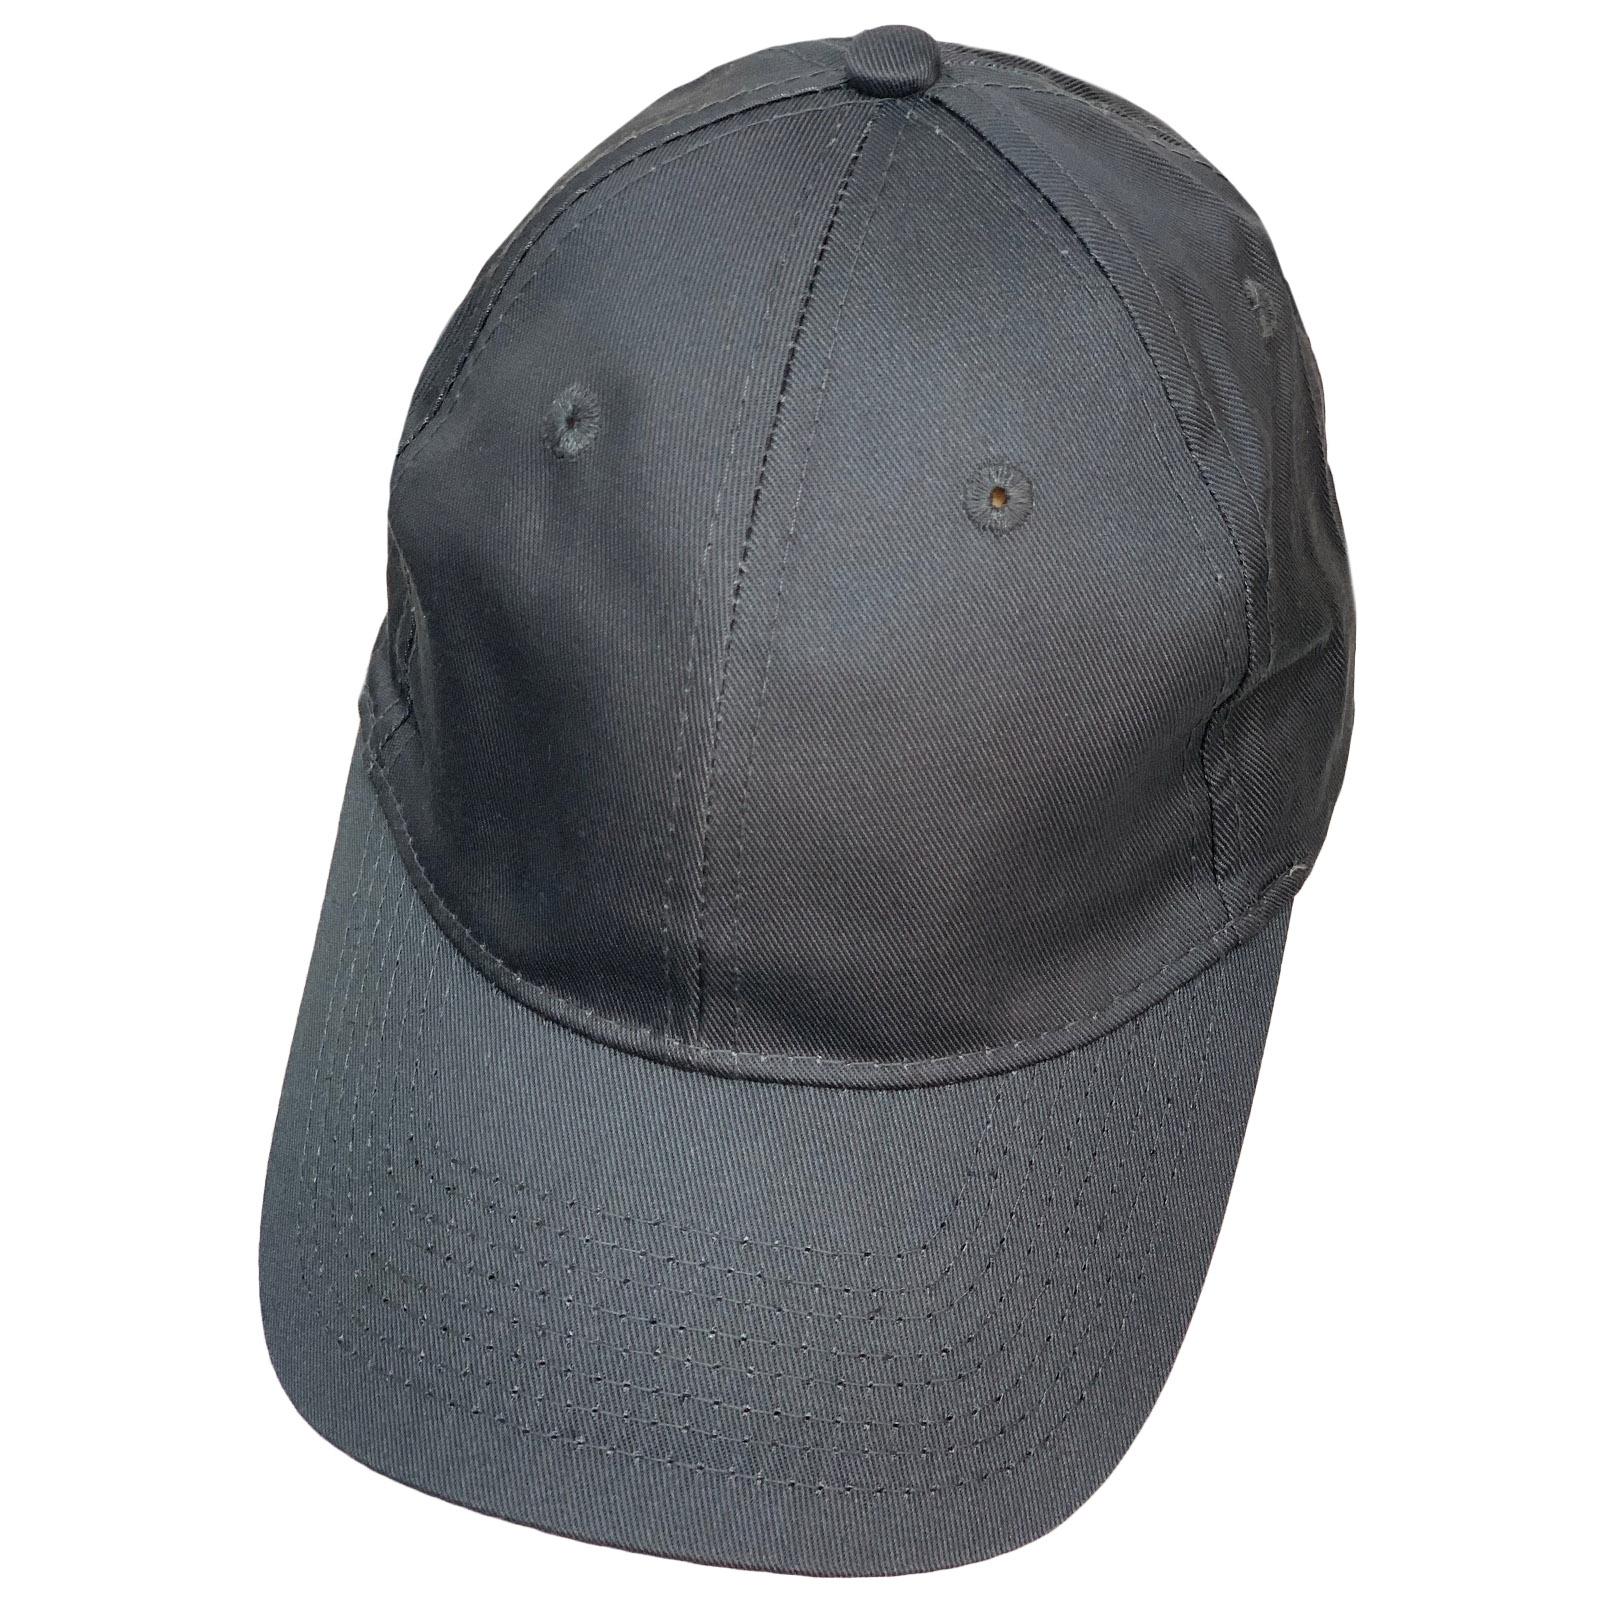 Бейсболка серебристо-серого цвета классического кроя